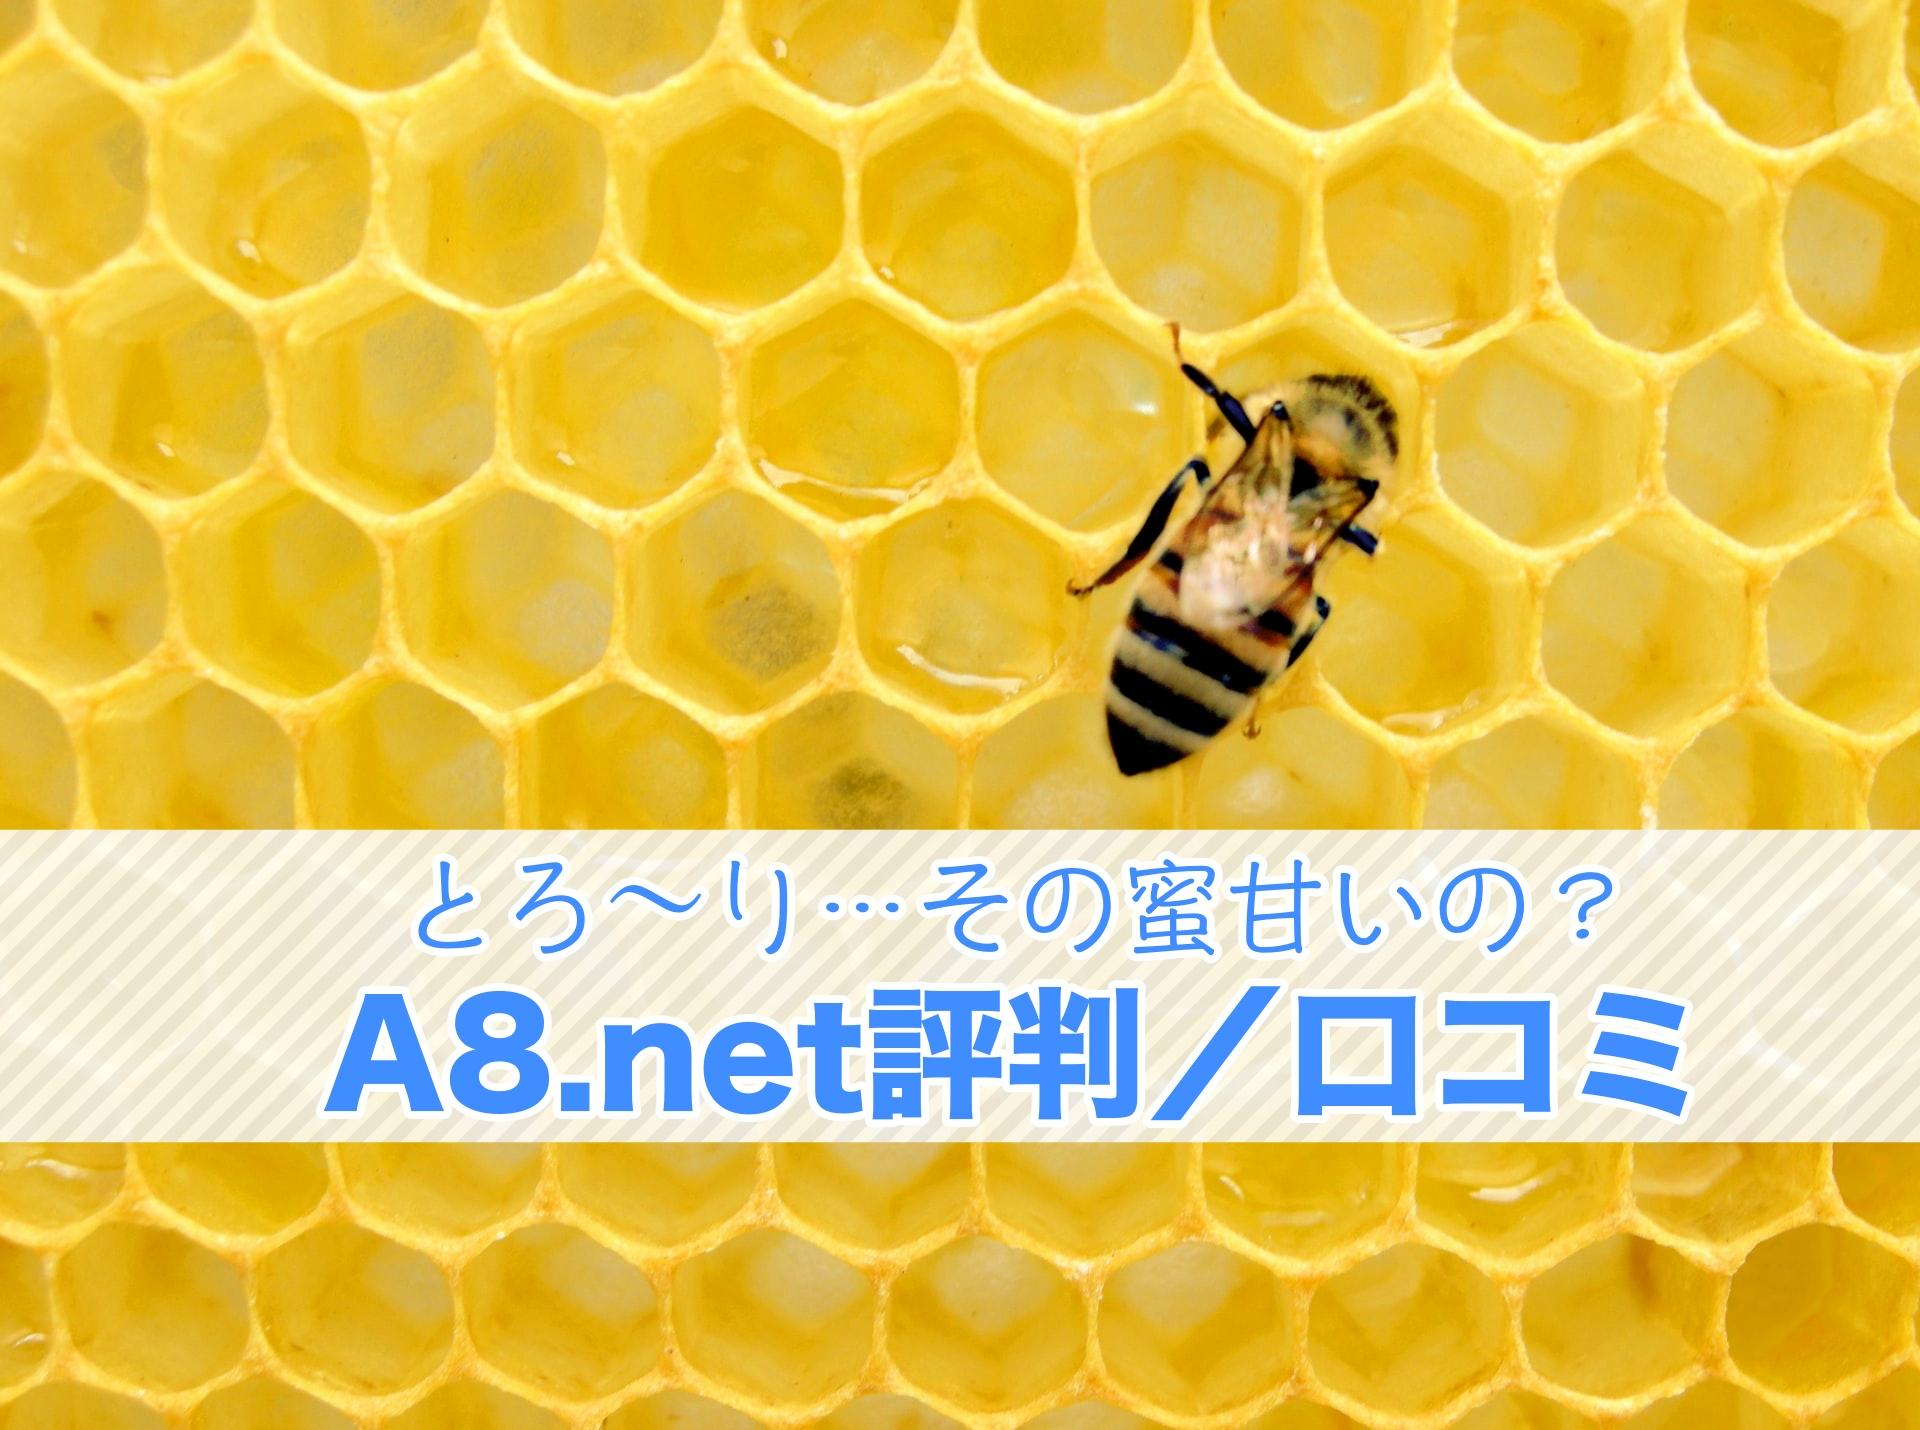 A8.net(エーハチネット)の評判・口コミ【デメリット回避策も】